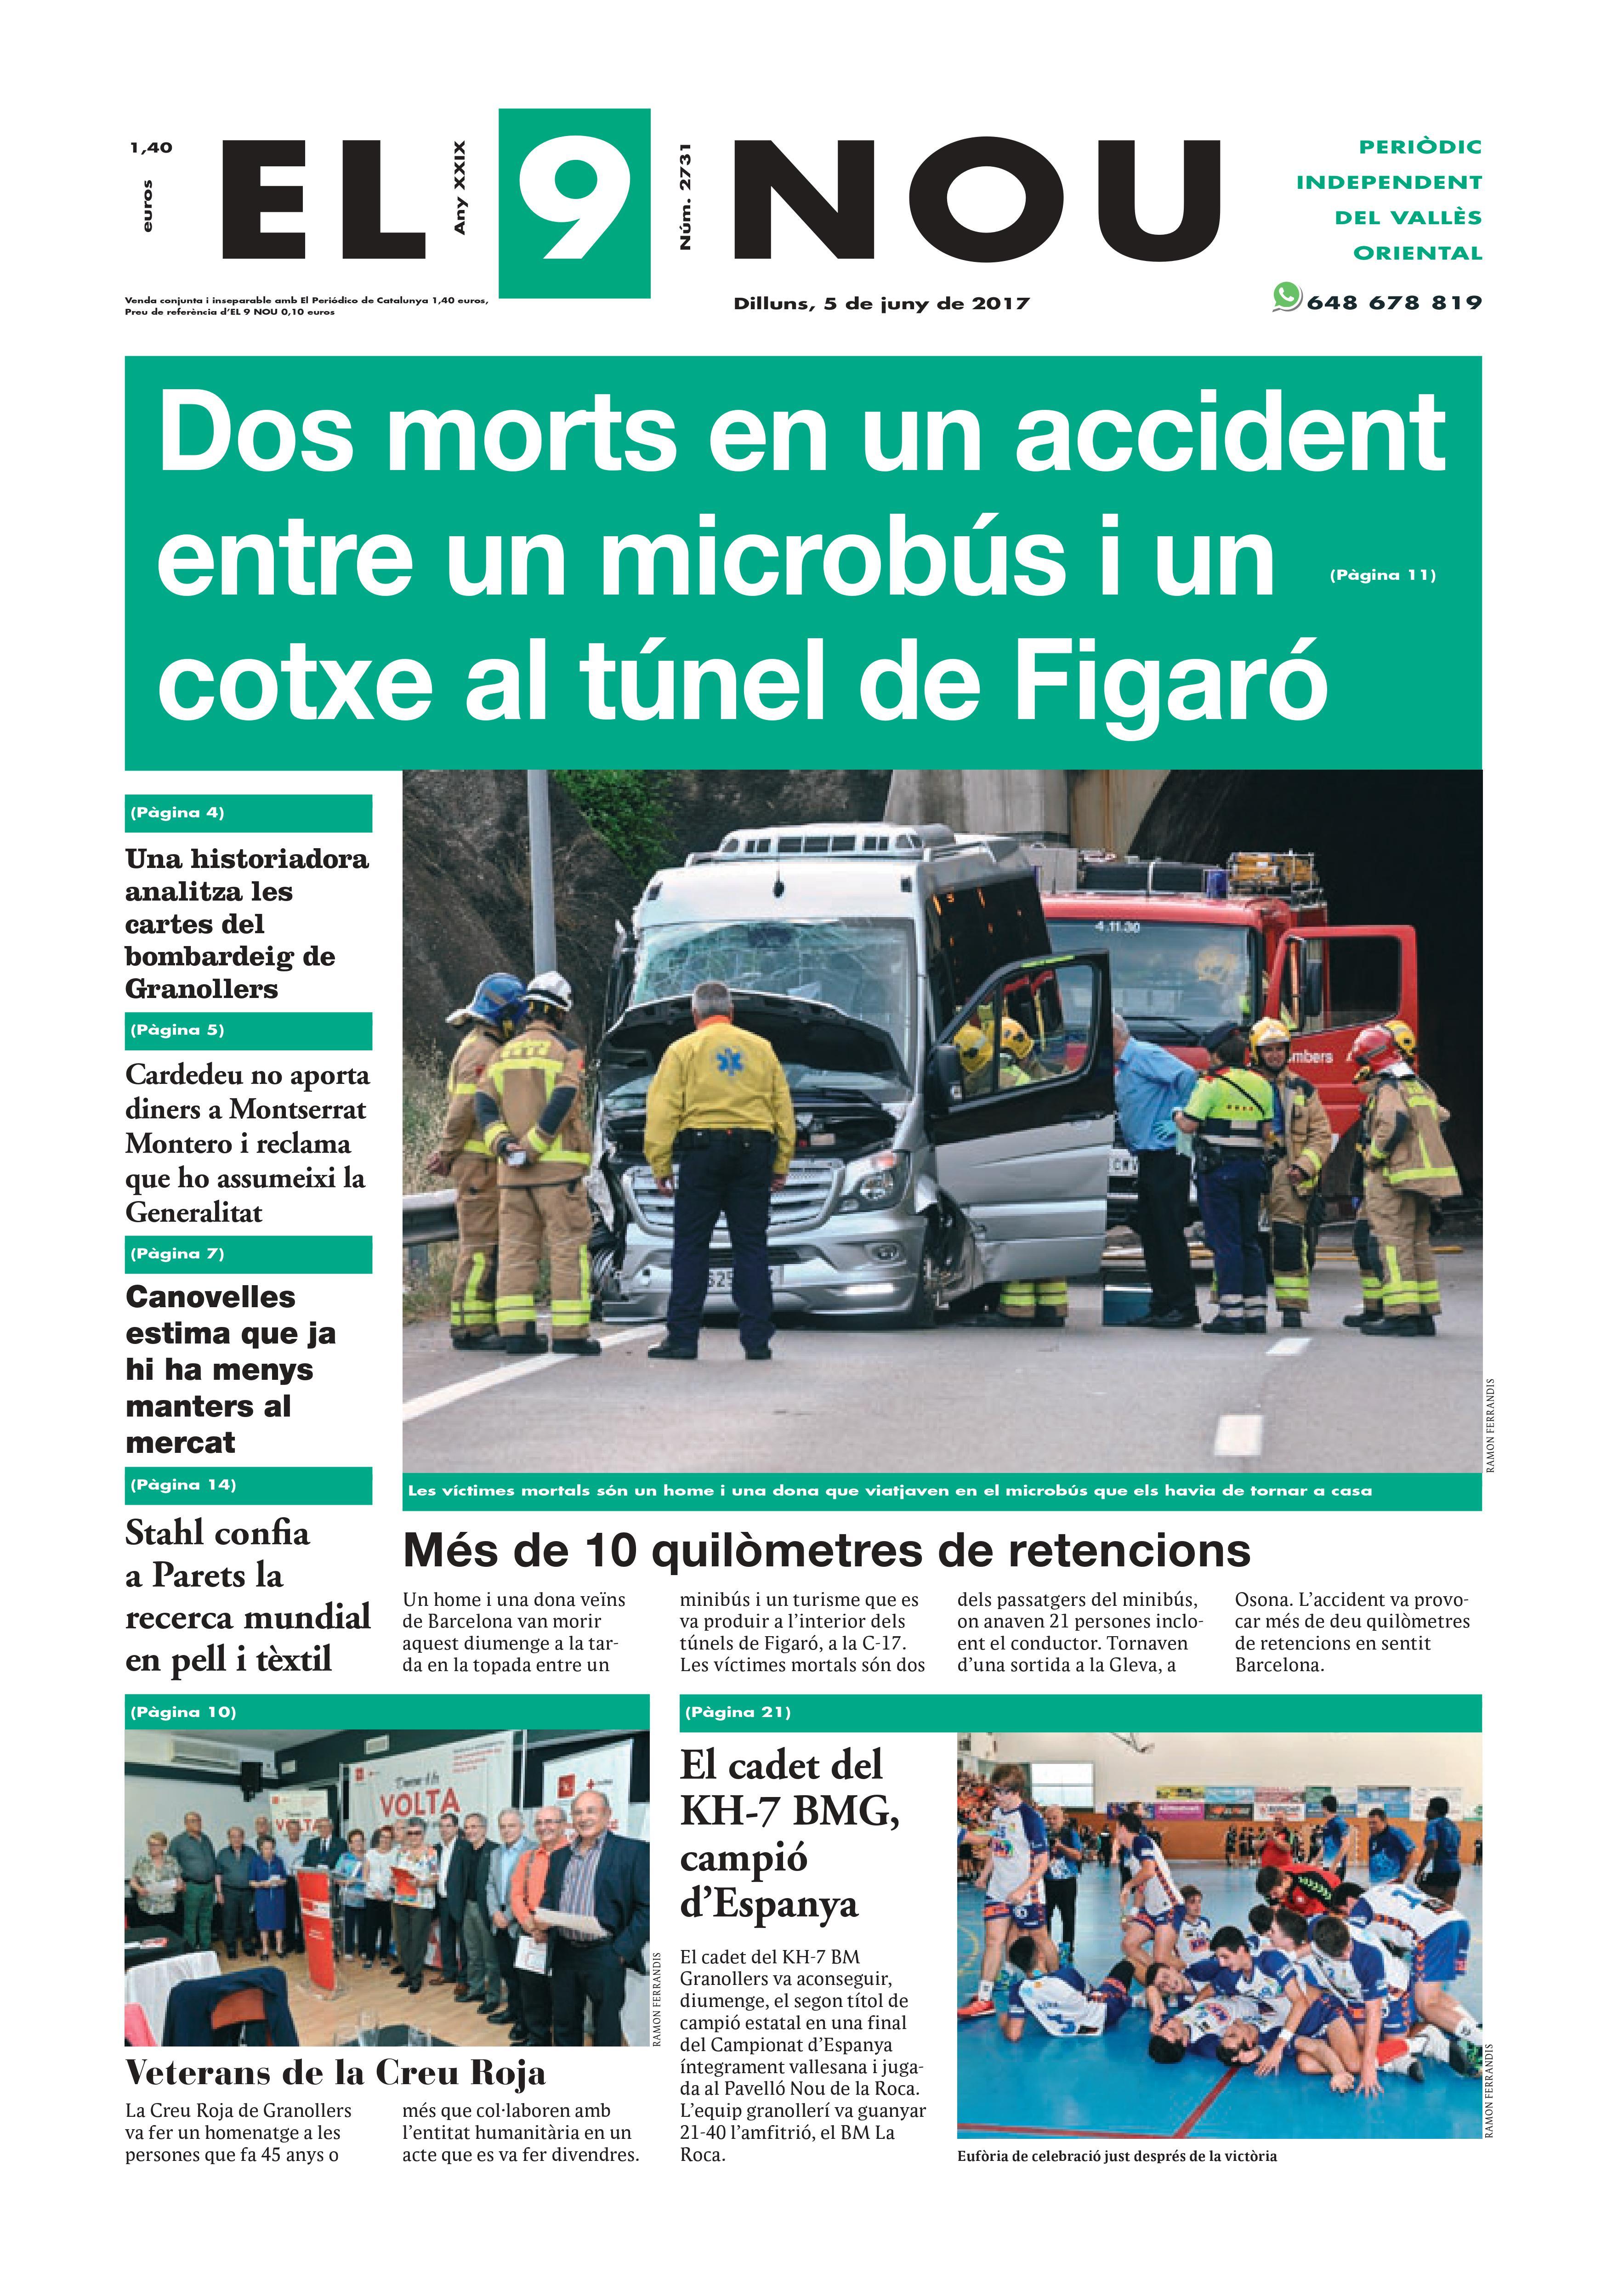 La portada del dilluns 5 de juny de 2017